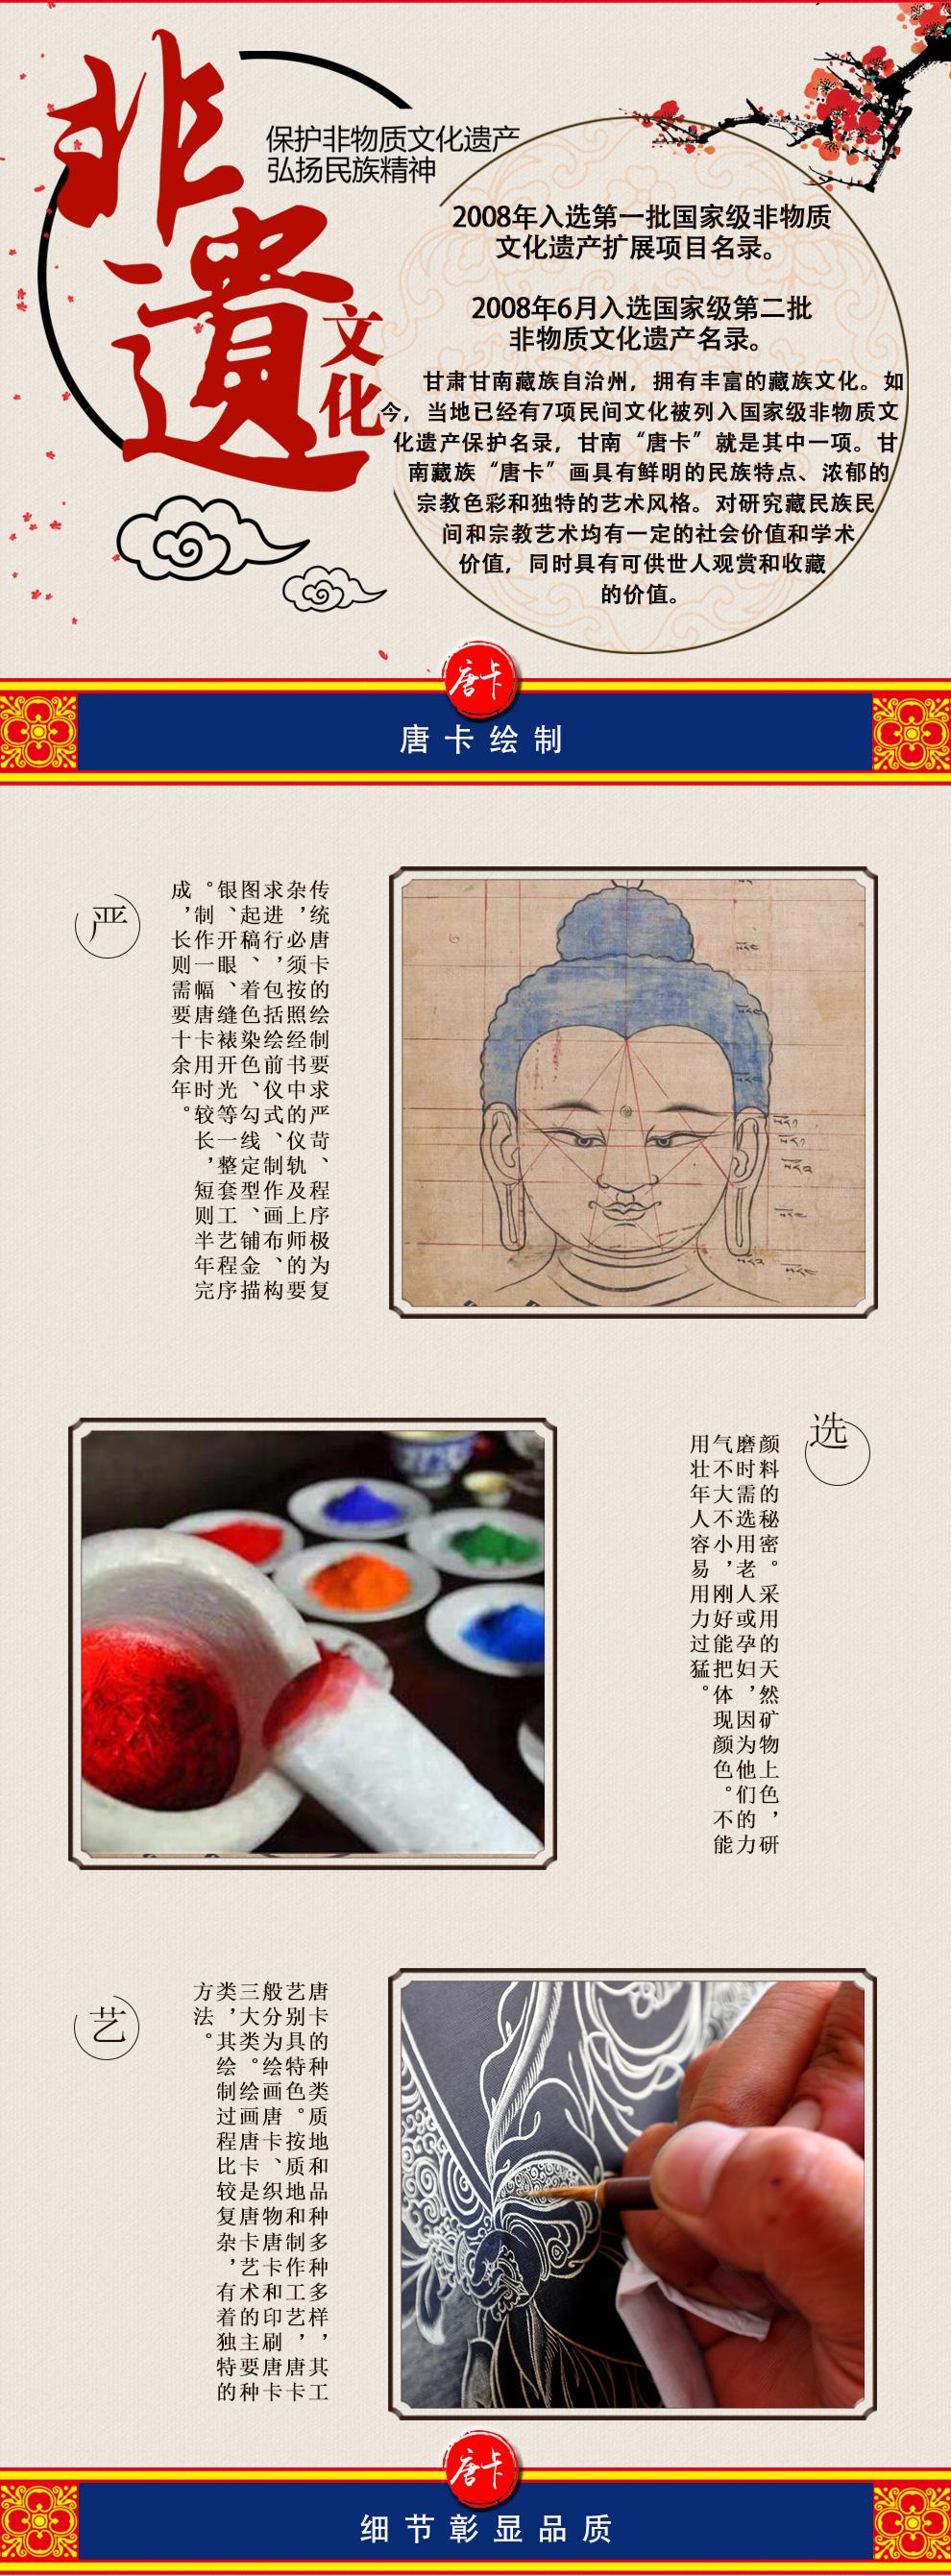 般若西藏释迦摩尼手绘唐卡